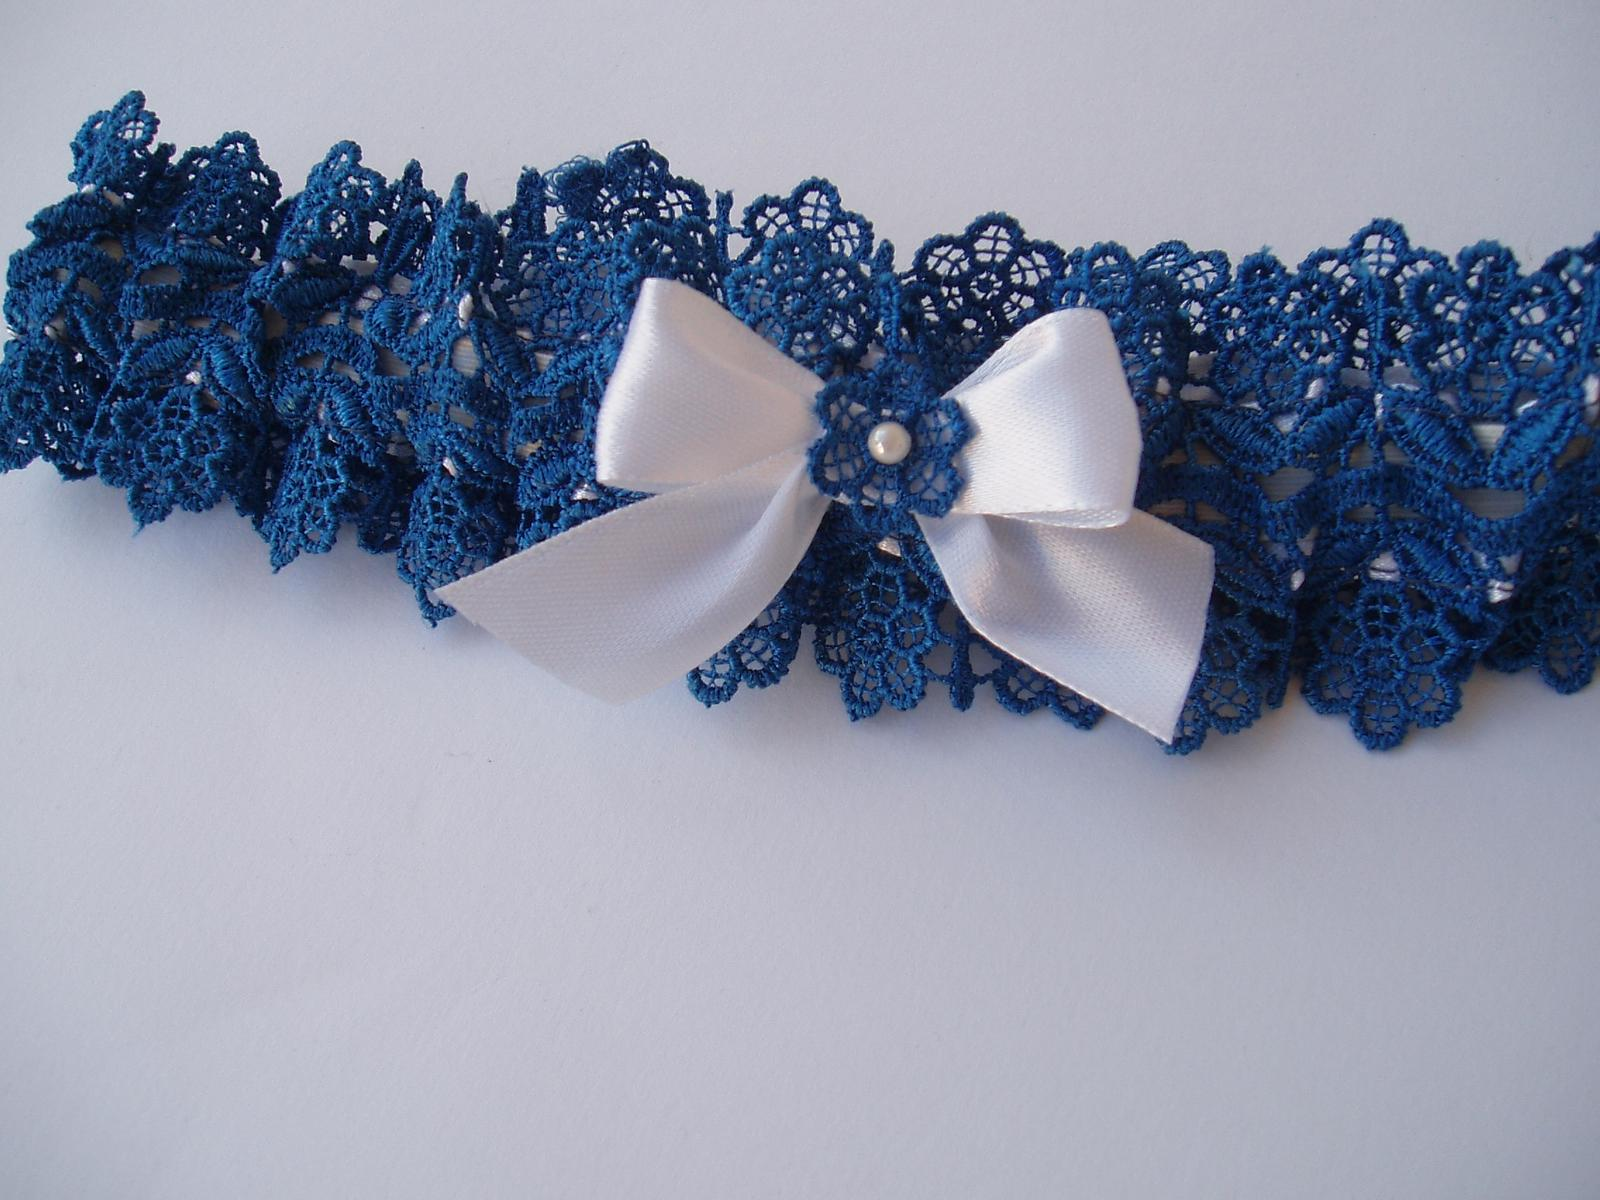 modrý podvazek s mašličkou - Obrázek č. 4